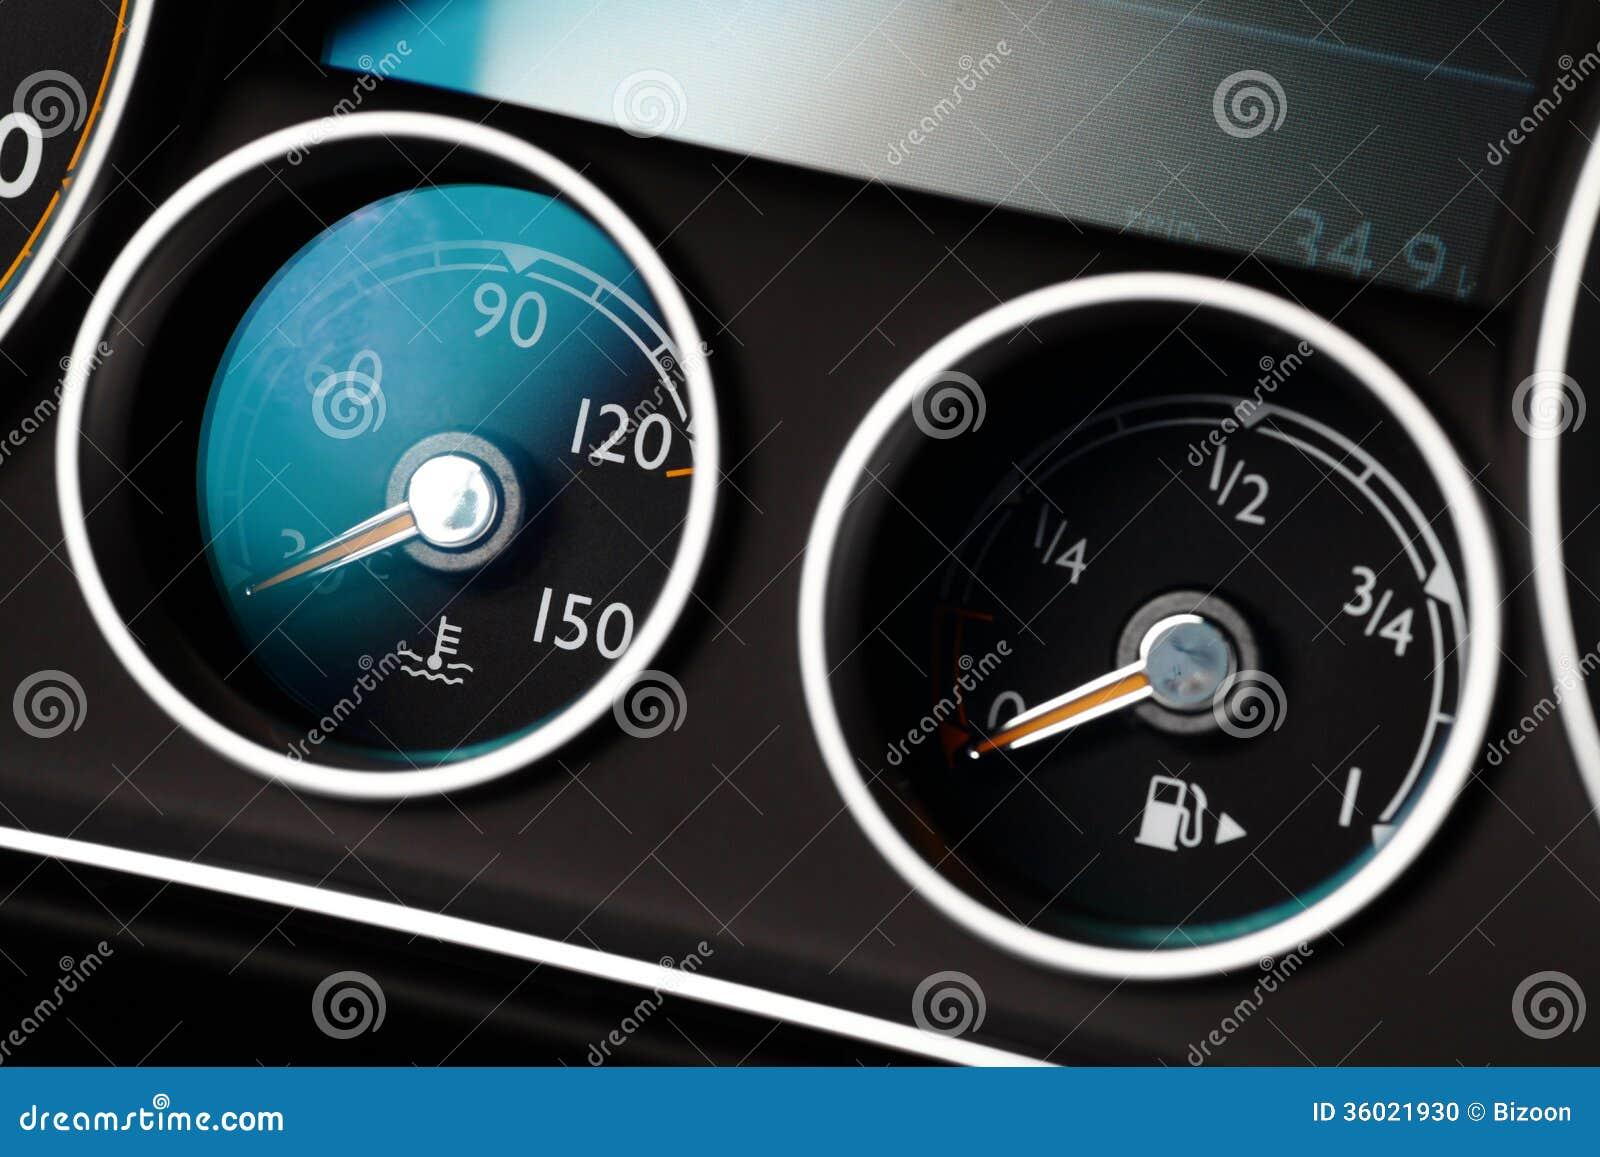 Увеличился расход топлива VW Polo Sedan